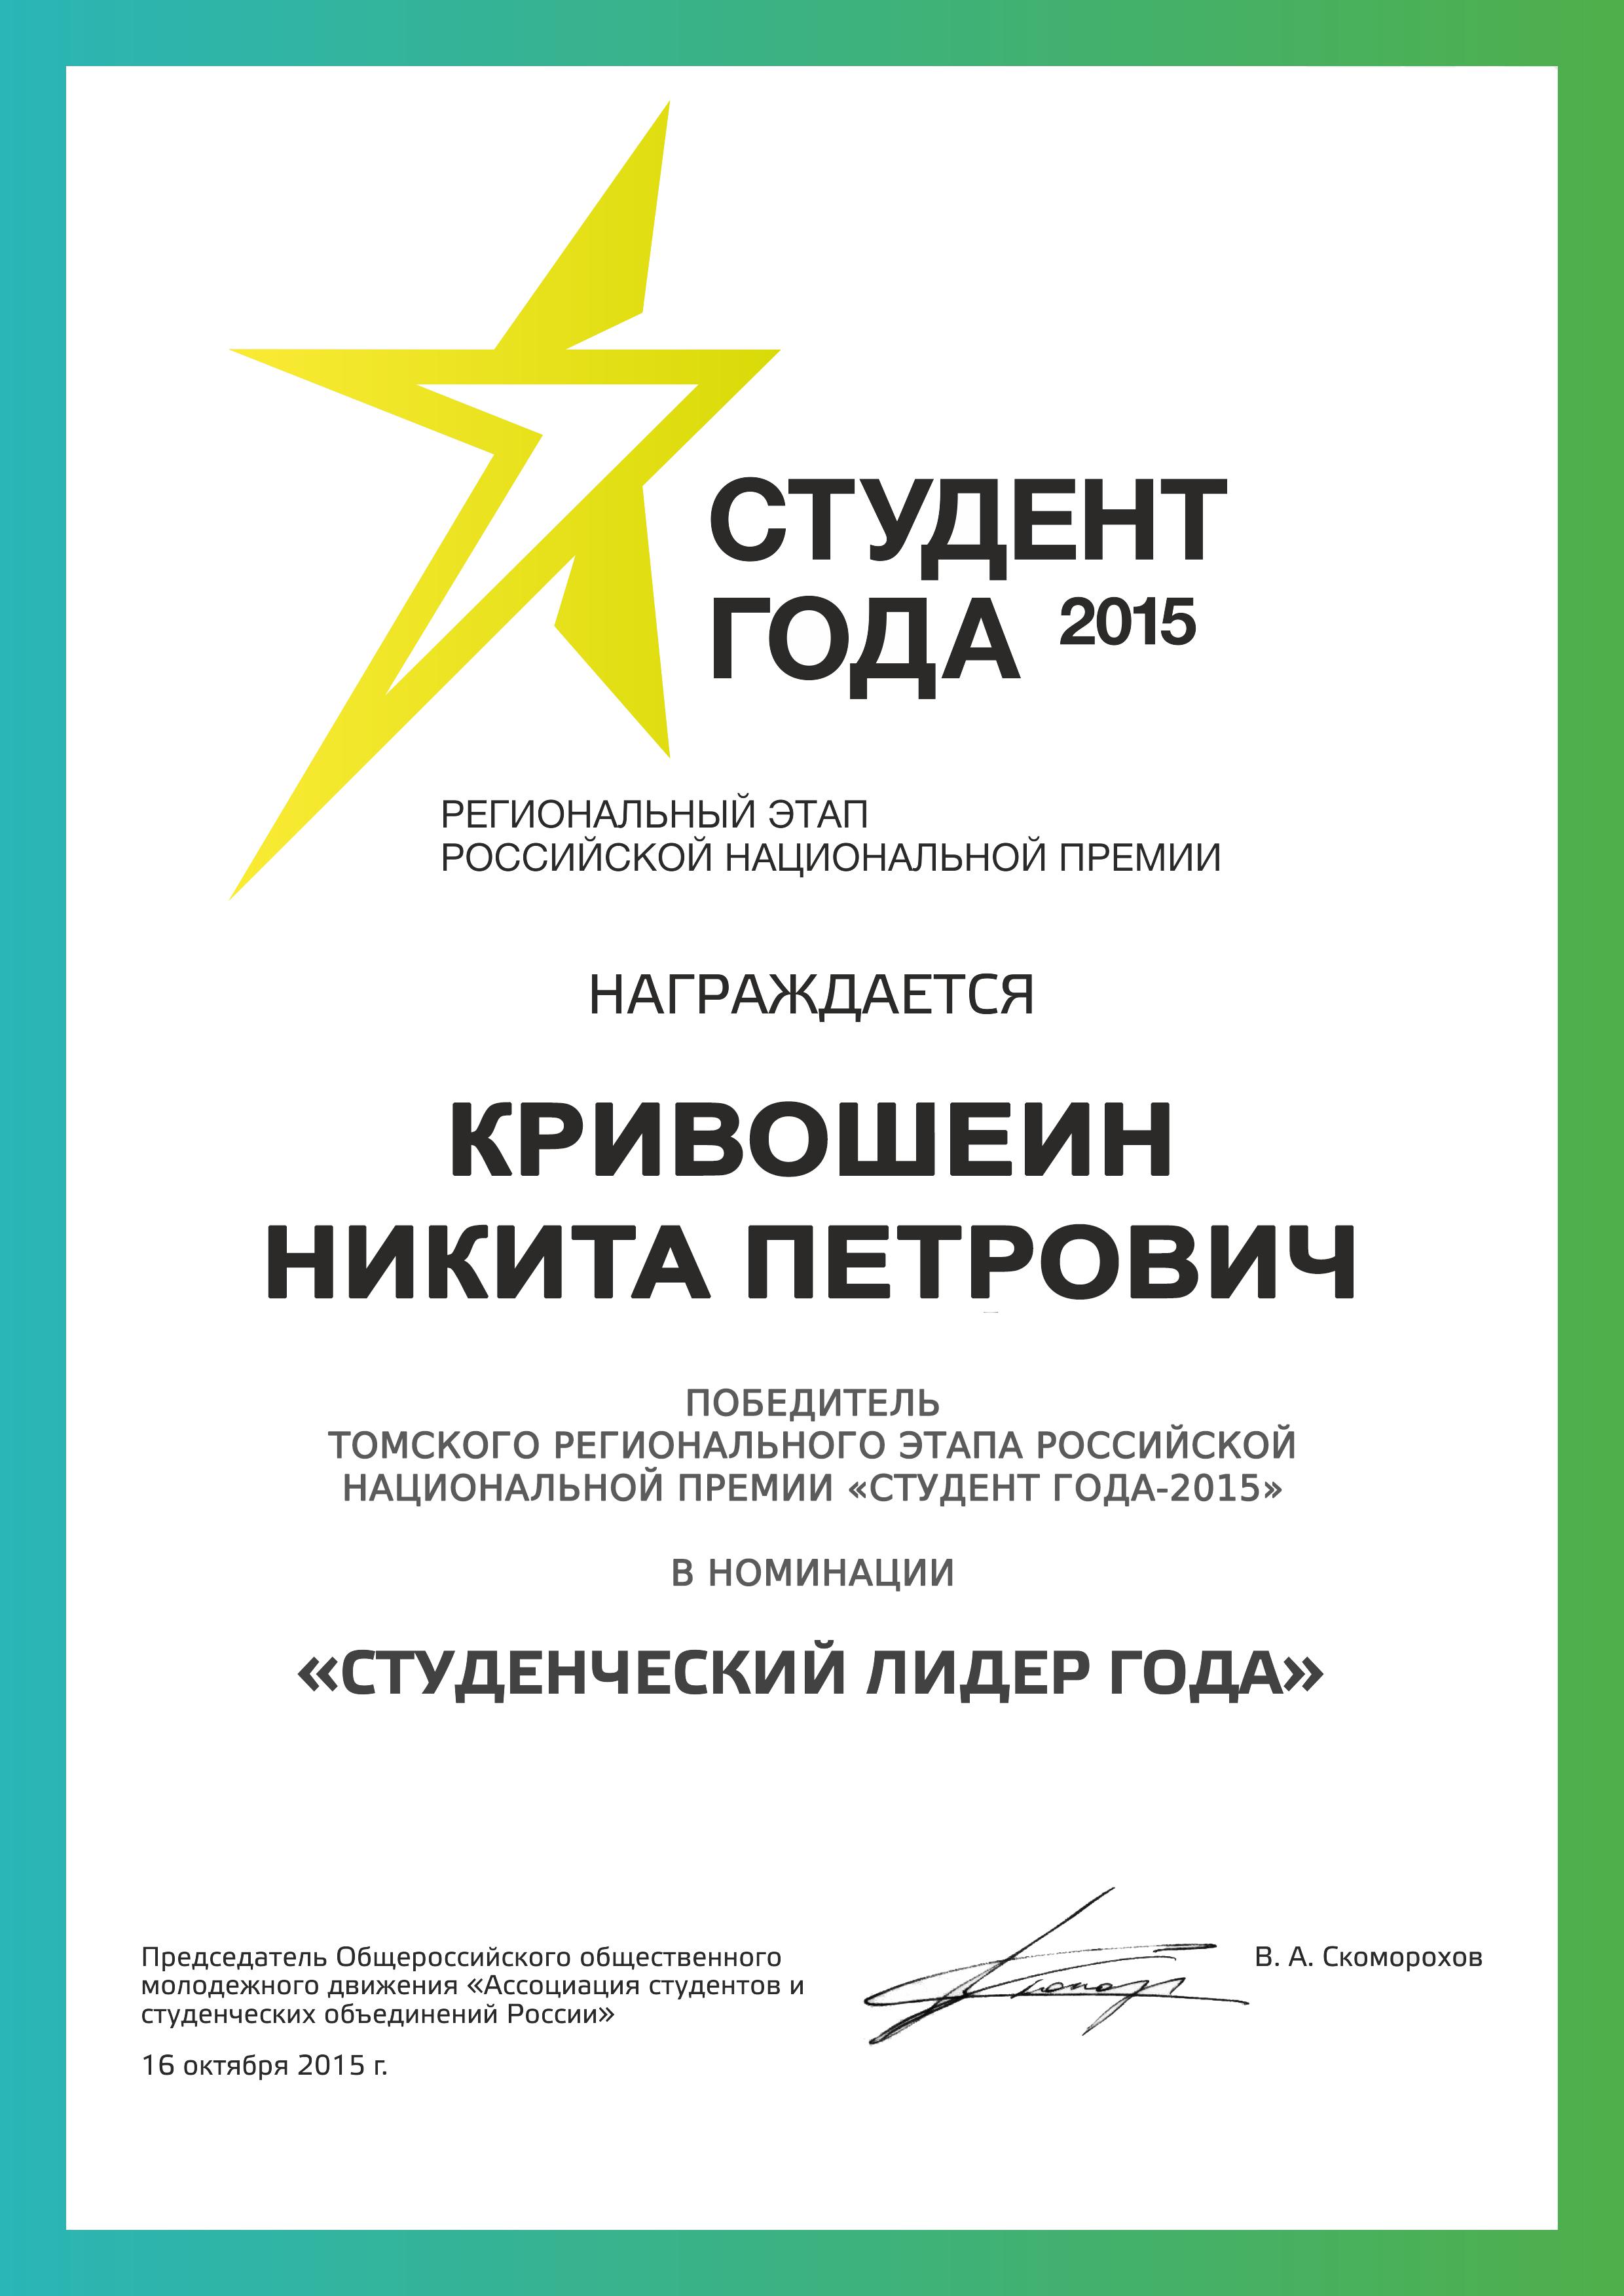 Образец заполнения грамоты министерства образования